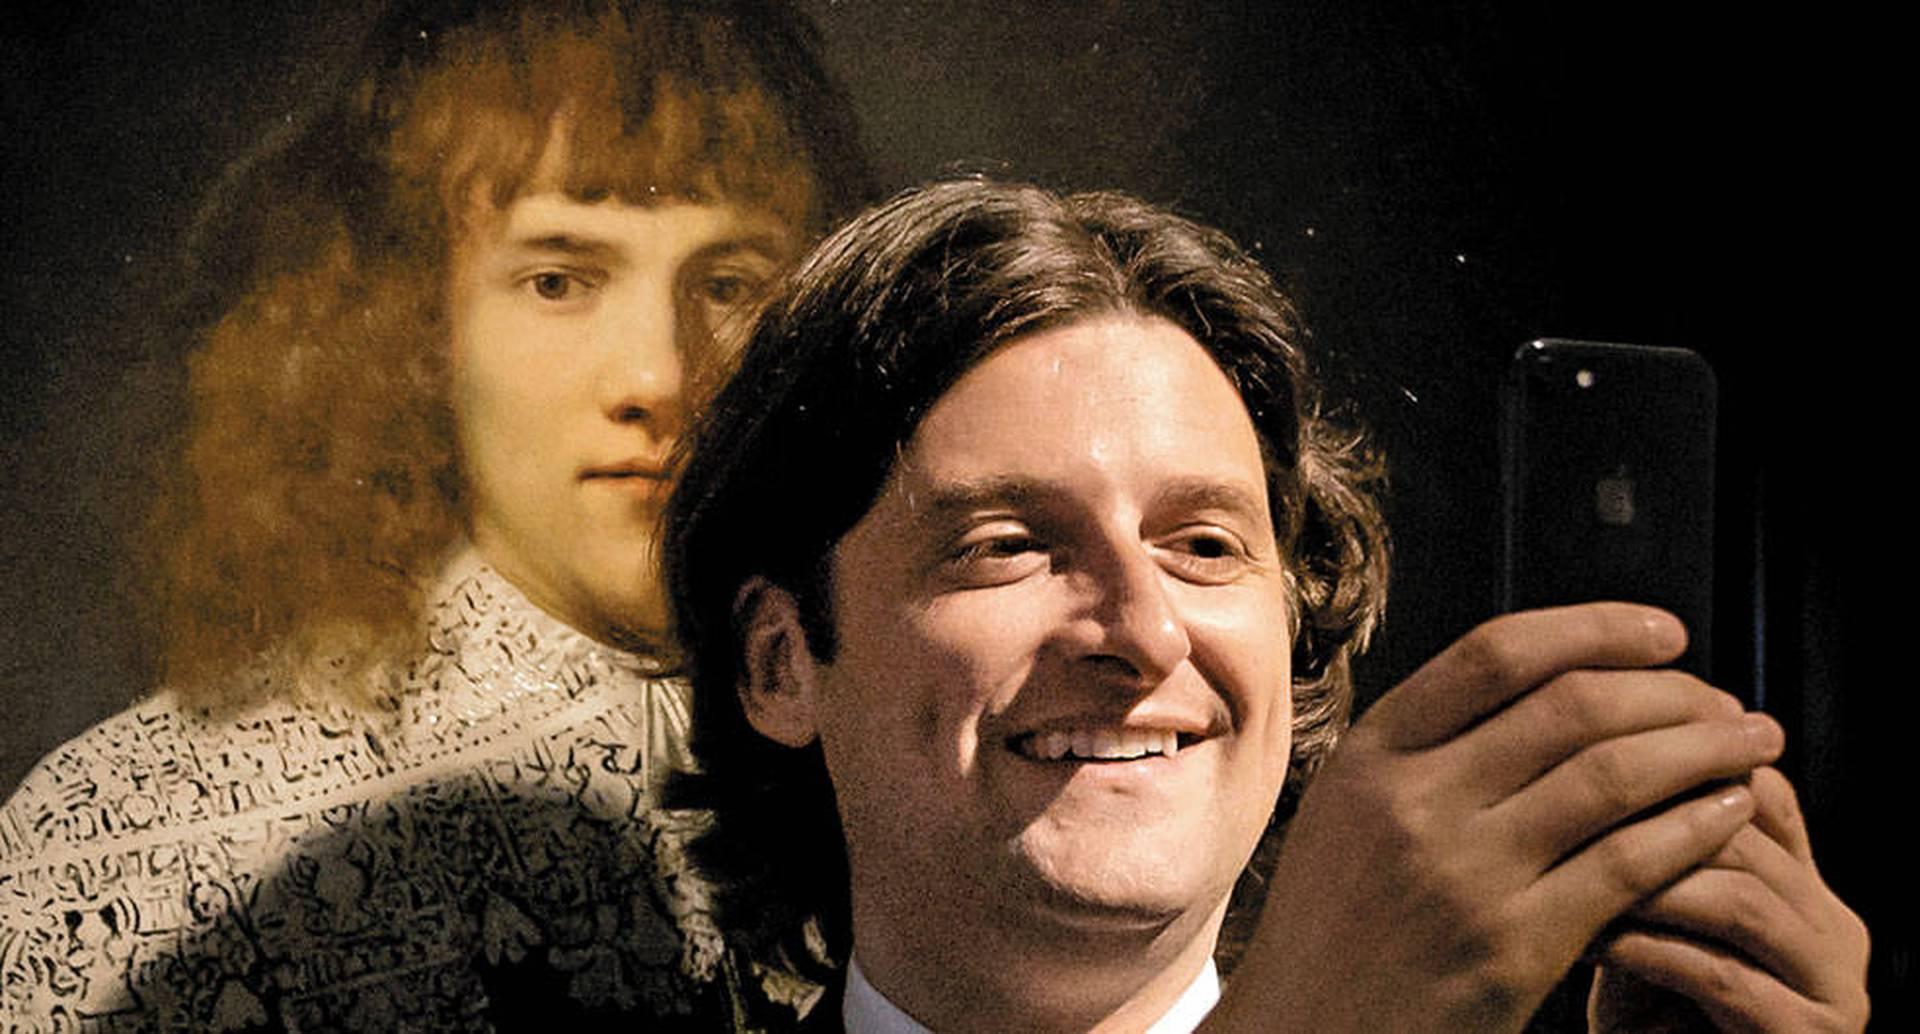 Jan Six desciende de un coleccionista muy famoso, amigo del propio Rembrandt. Adquirió Retrato de un joven caballero en 173.000 dólares, pero ahora podría venderla en 100 millones o más.